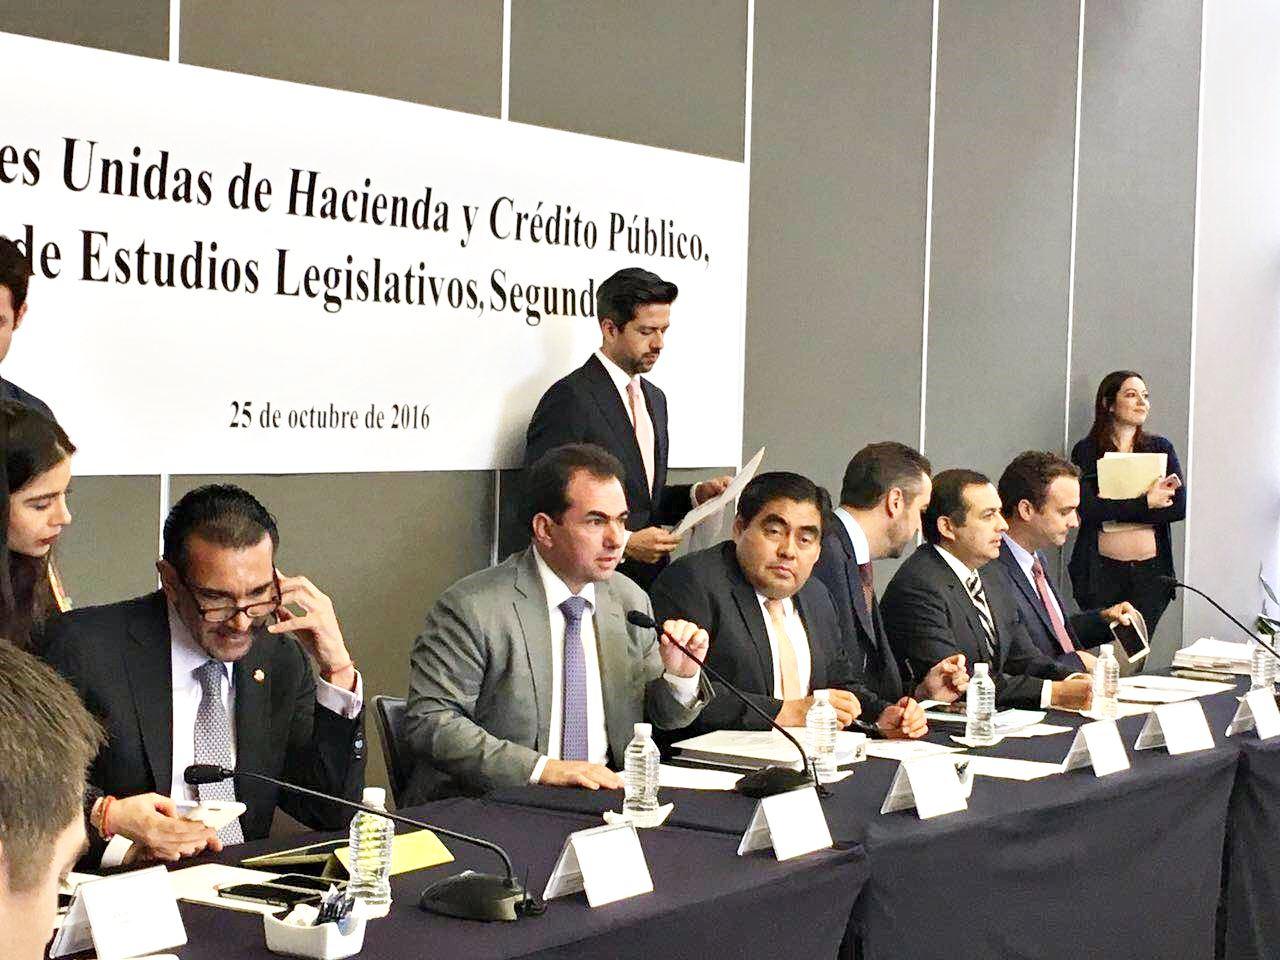 Aprobación en Comisiones de la ley de ingresos, símbolo de la responsabilidad: Pepe Yunes